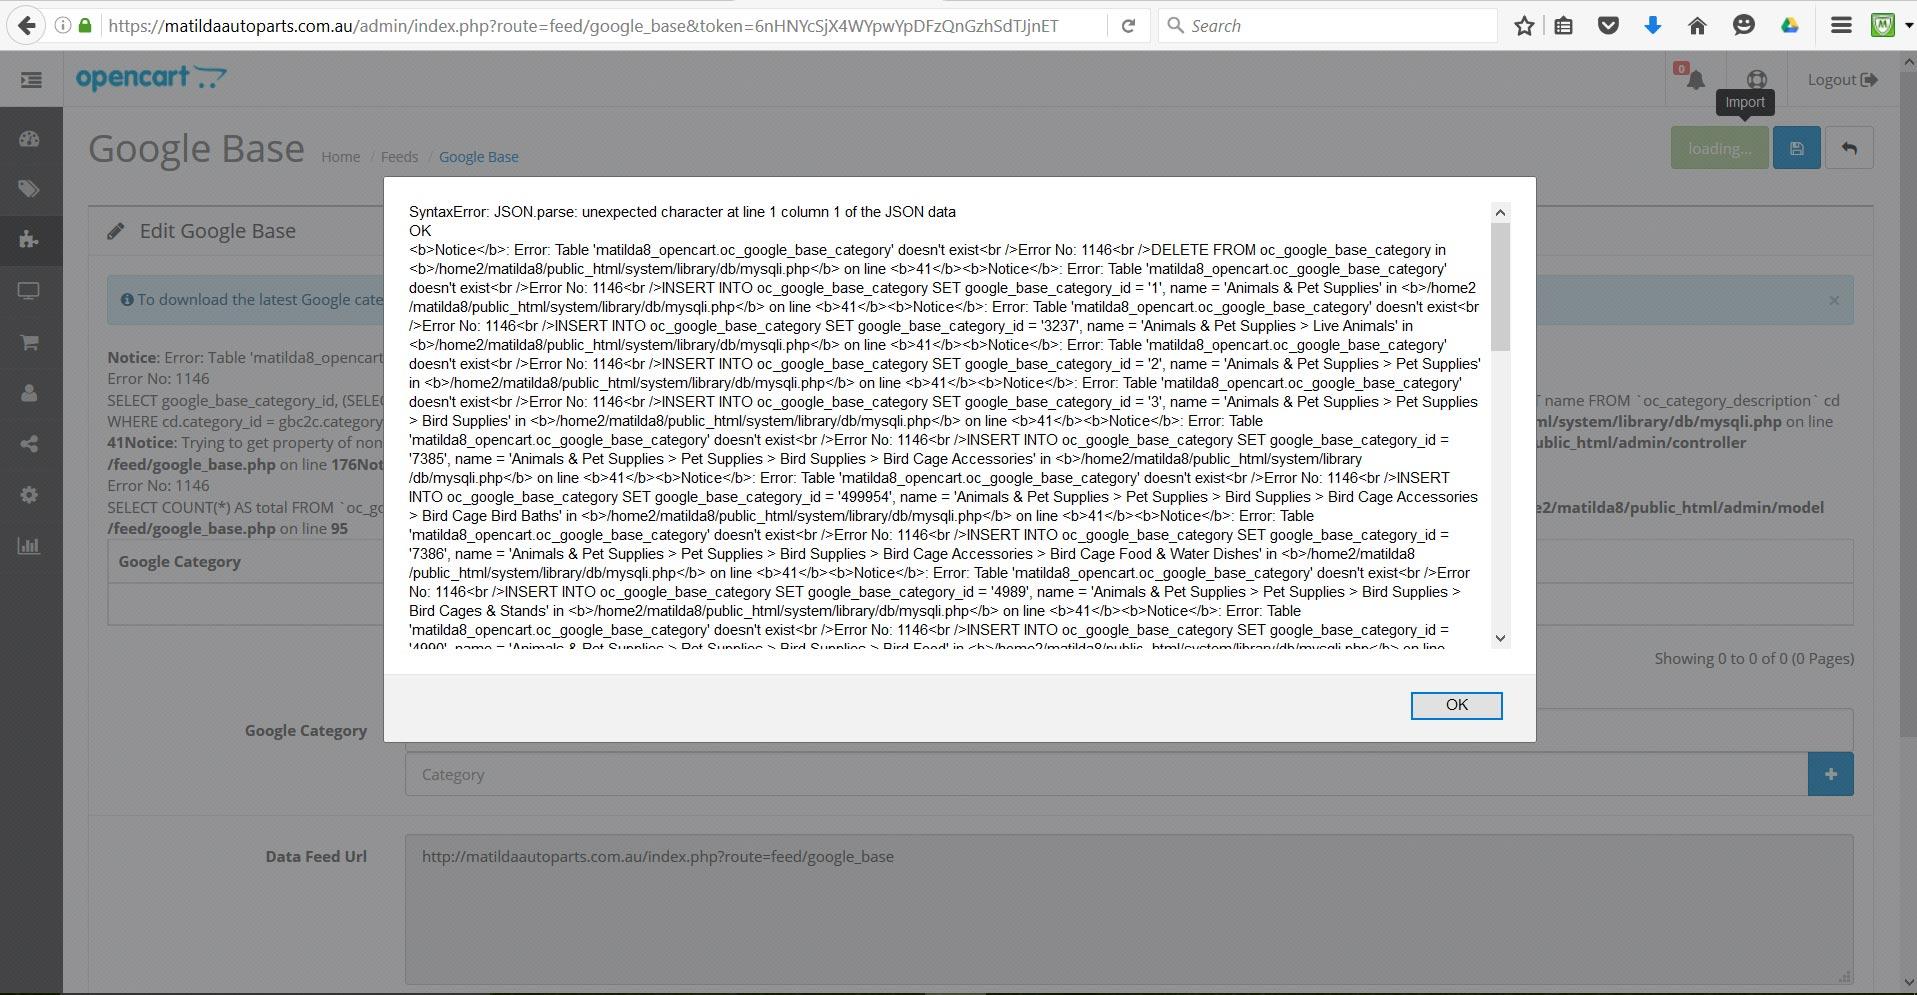 Google Base Issue - OpenCart Community